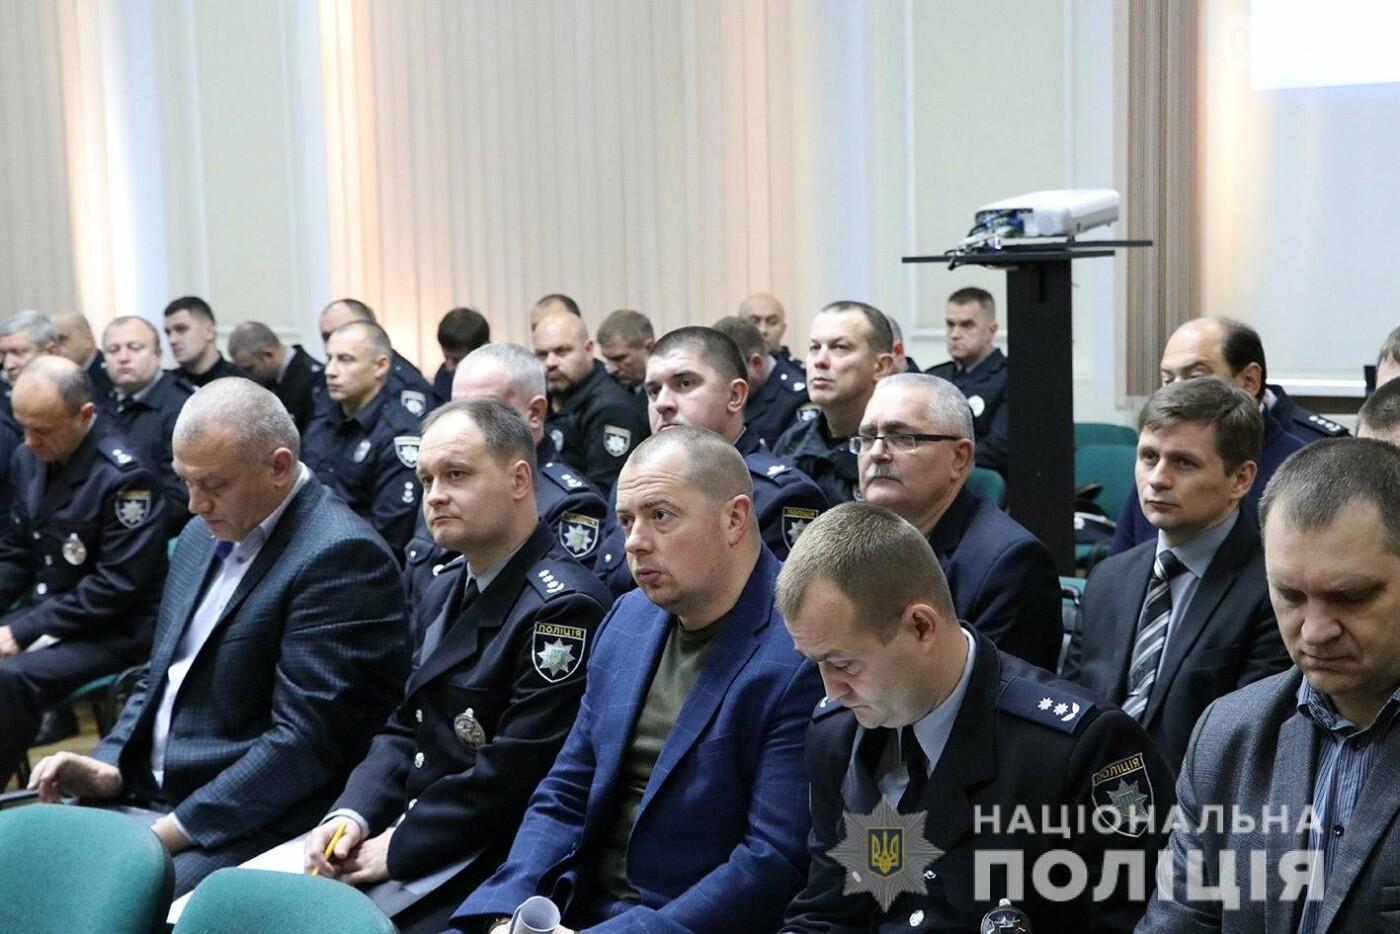 Начальник полиции Днепропетровщины напомнил об ответственности за своих подчиненных, - ФОТО, ВИДЕО , фото-3